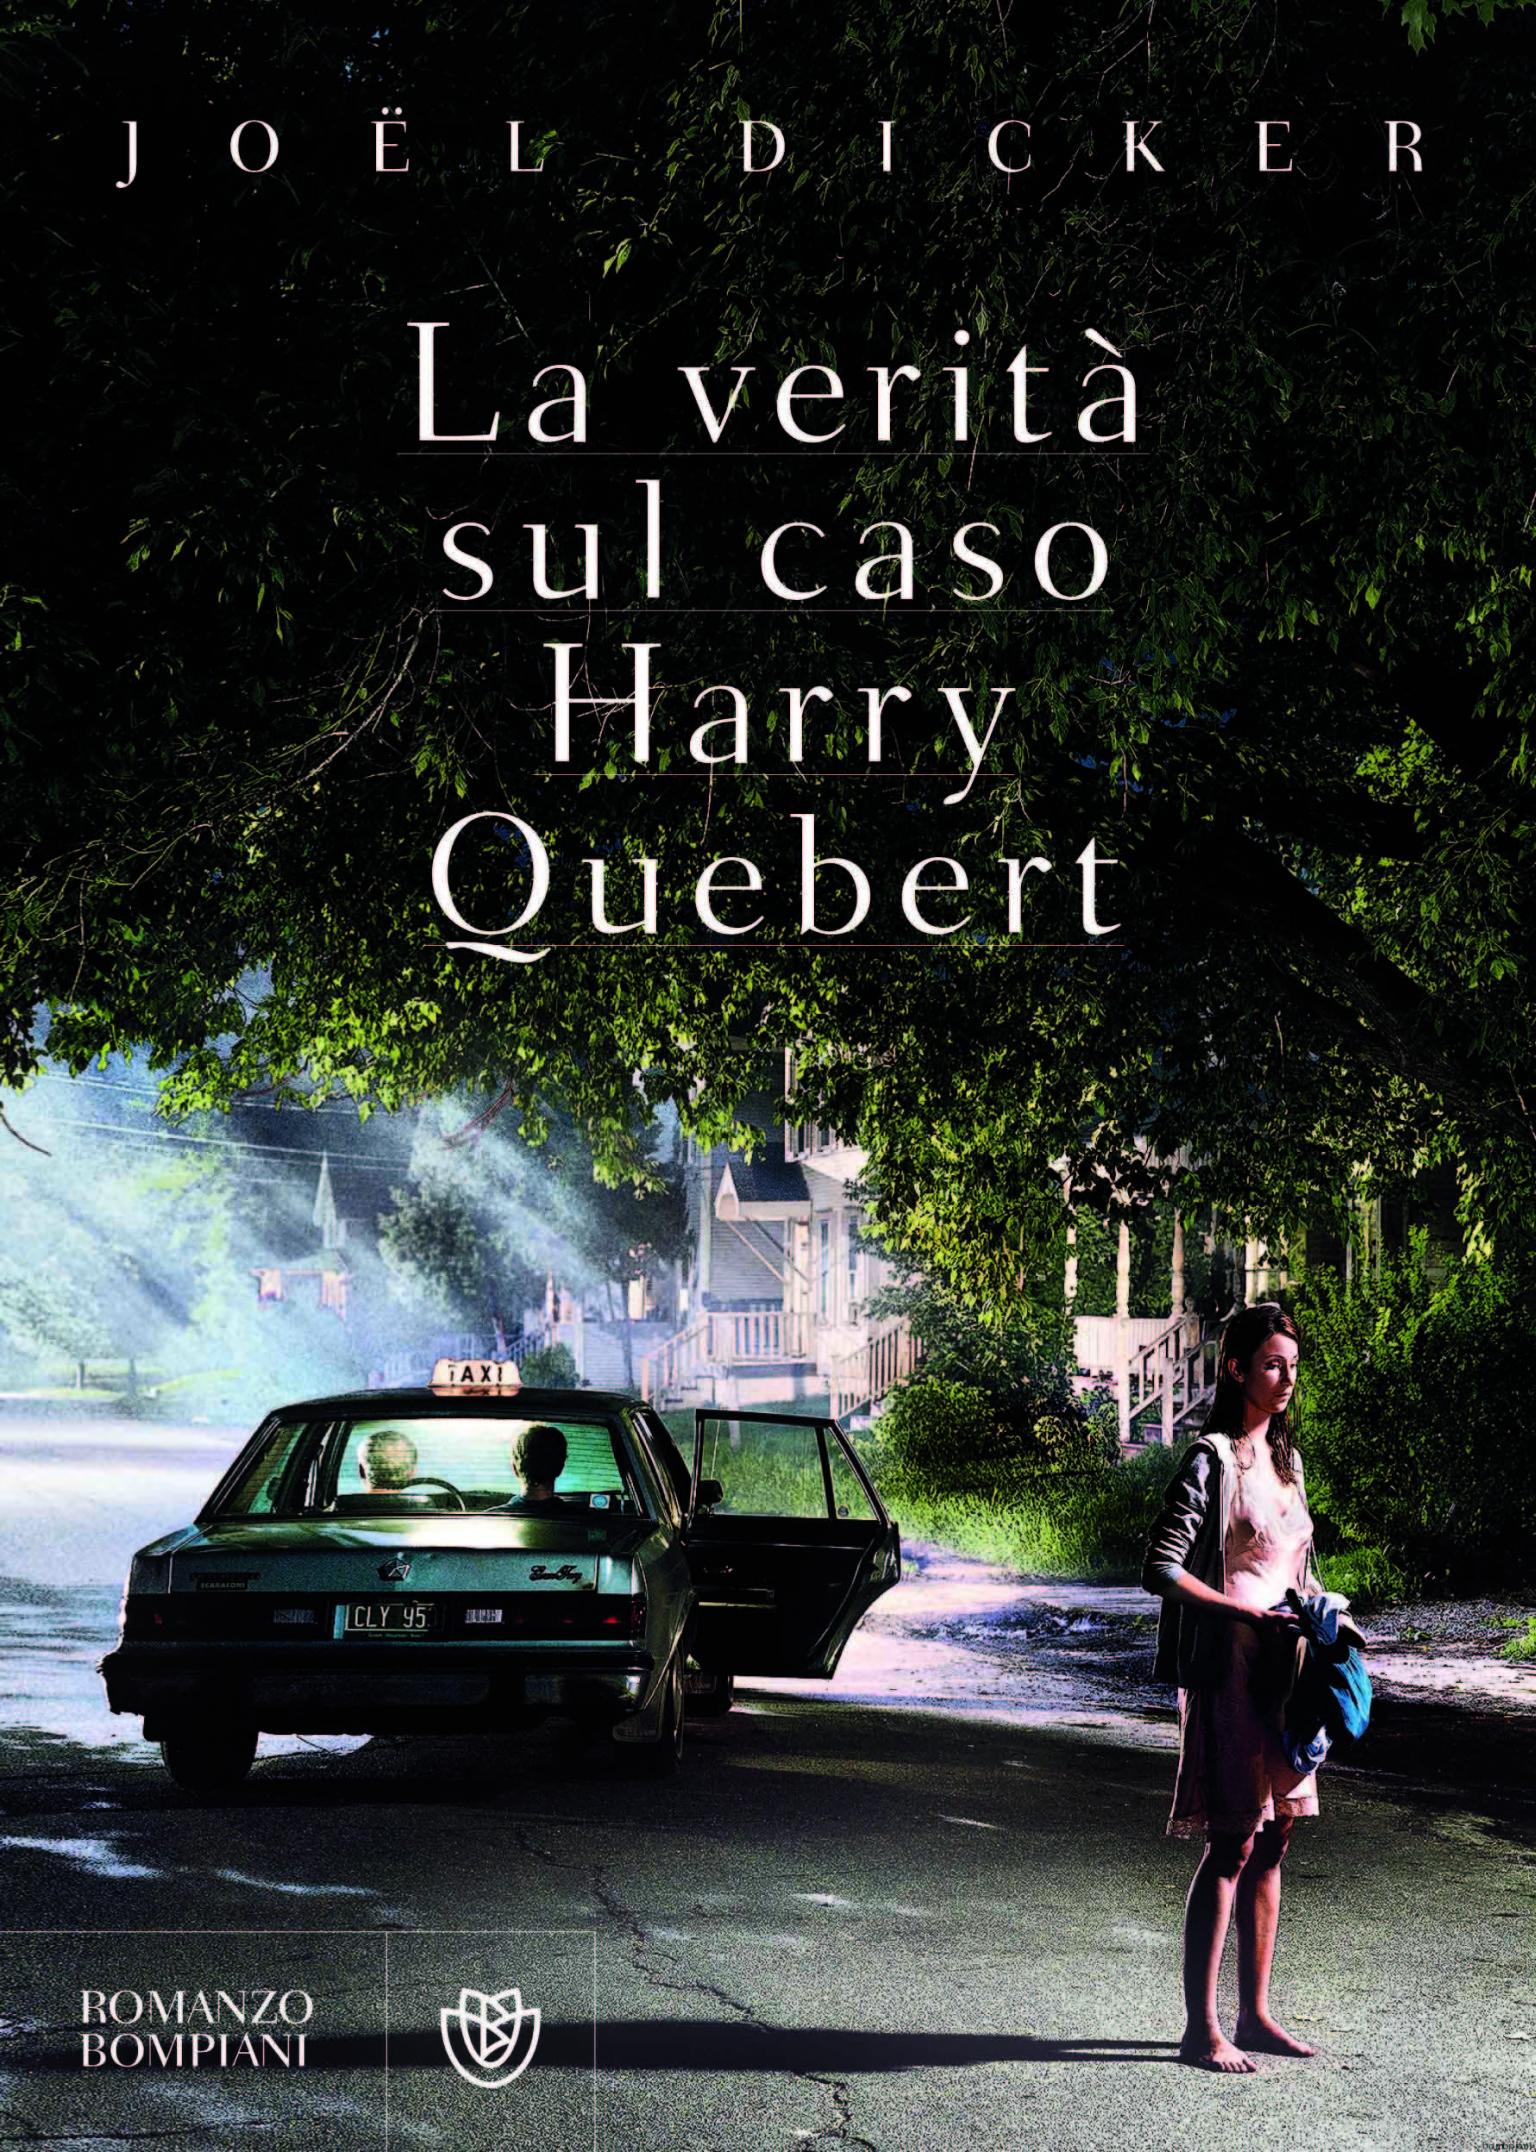 Joel Dicker - La verità sul caso Harry Quebert